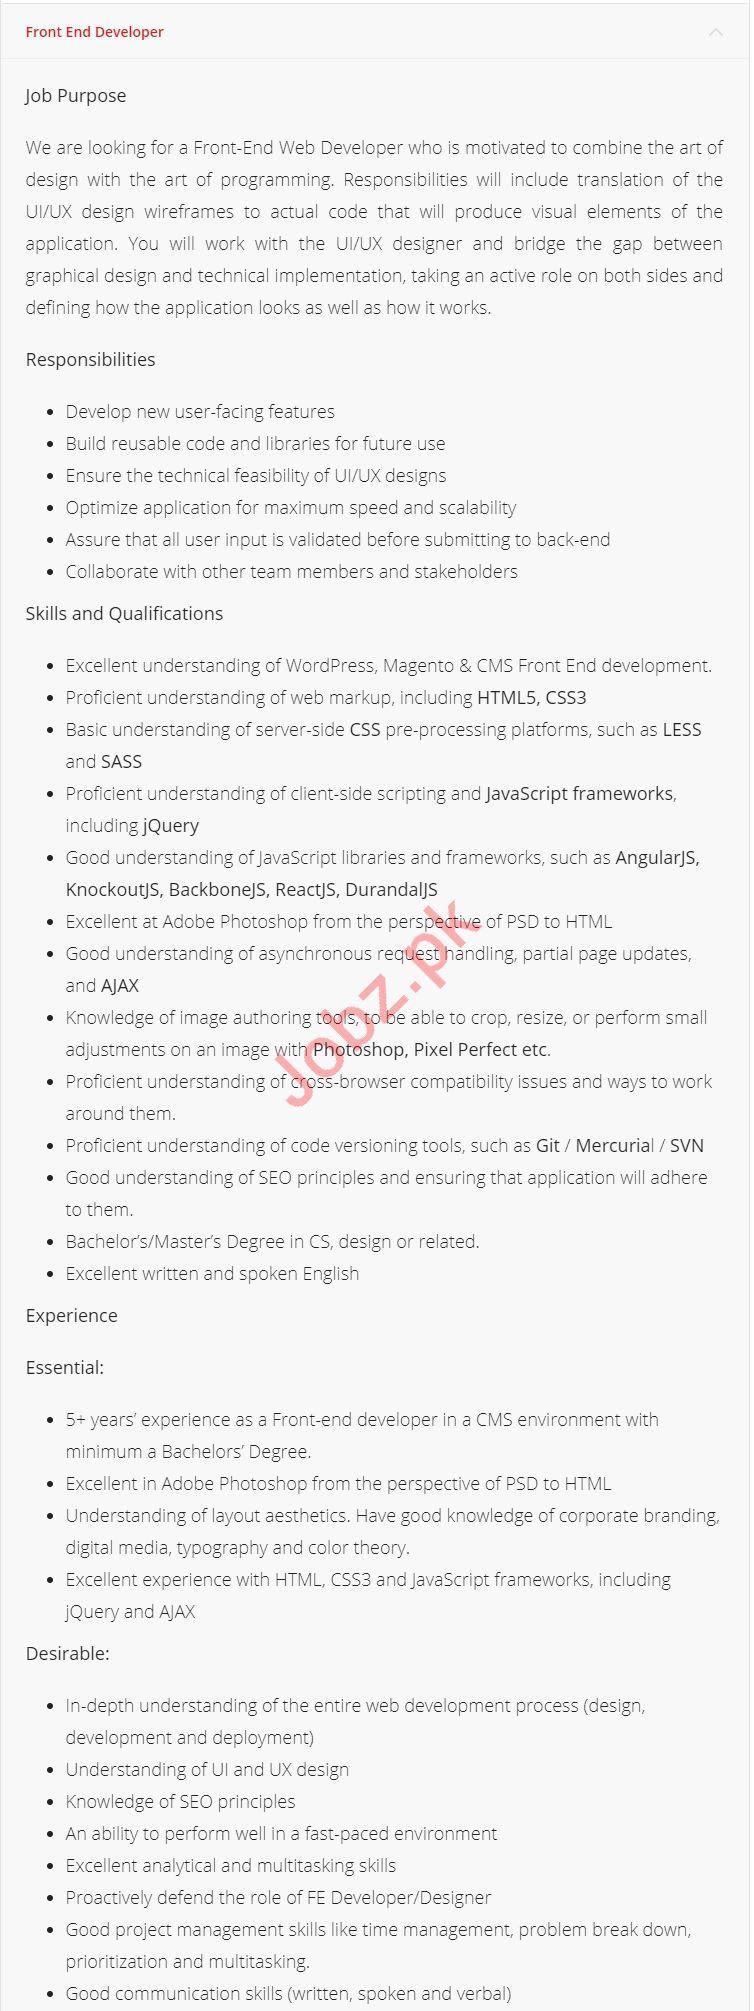 Front End Developer Jobs 2019